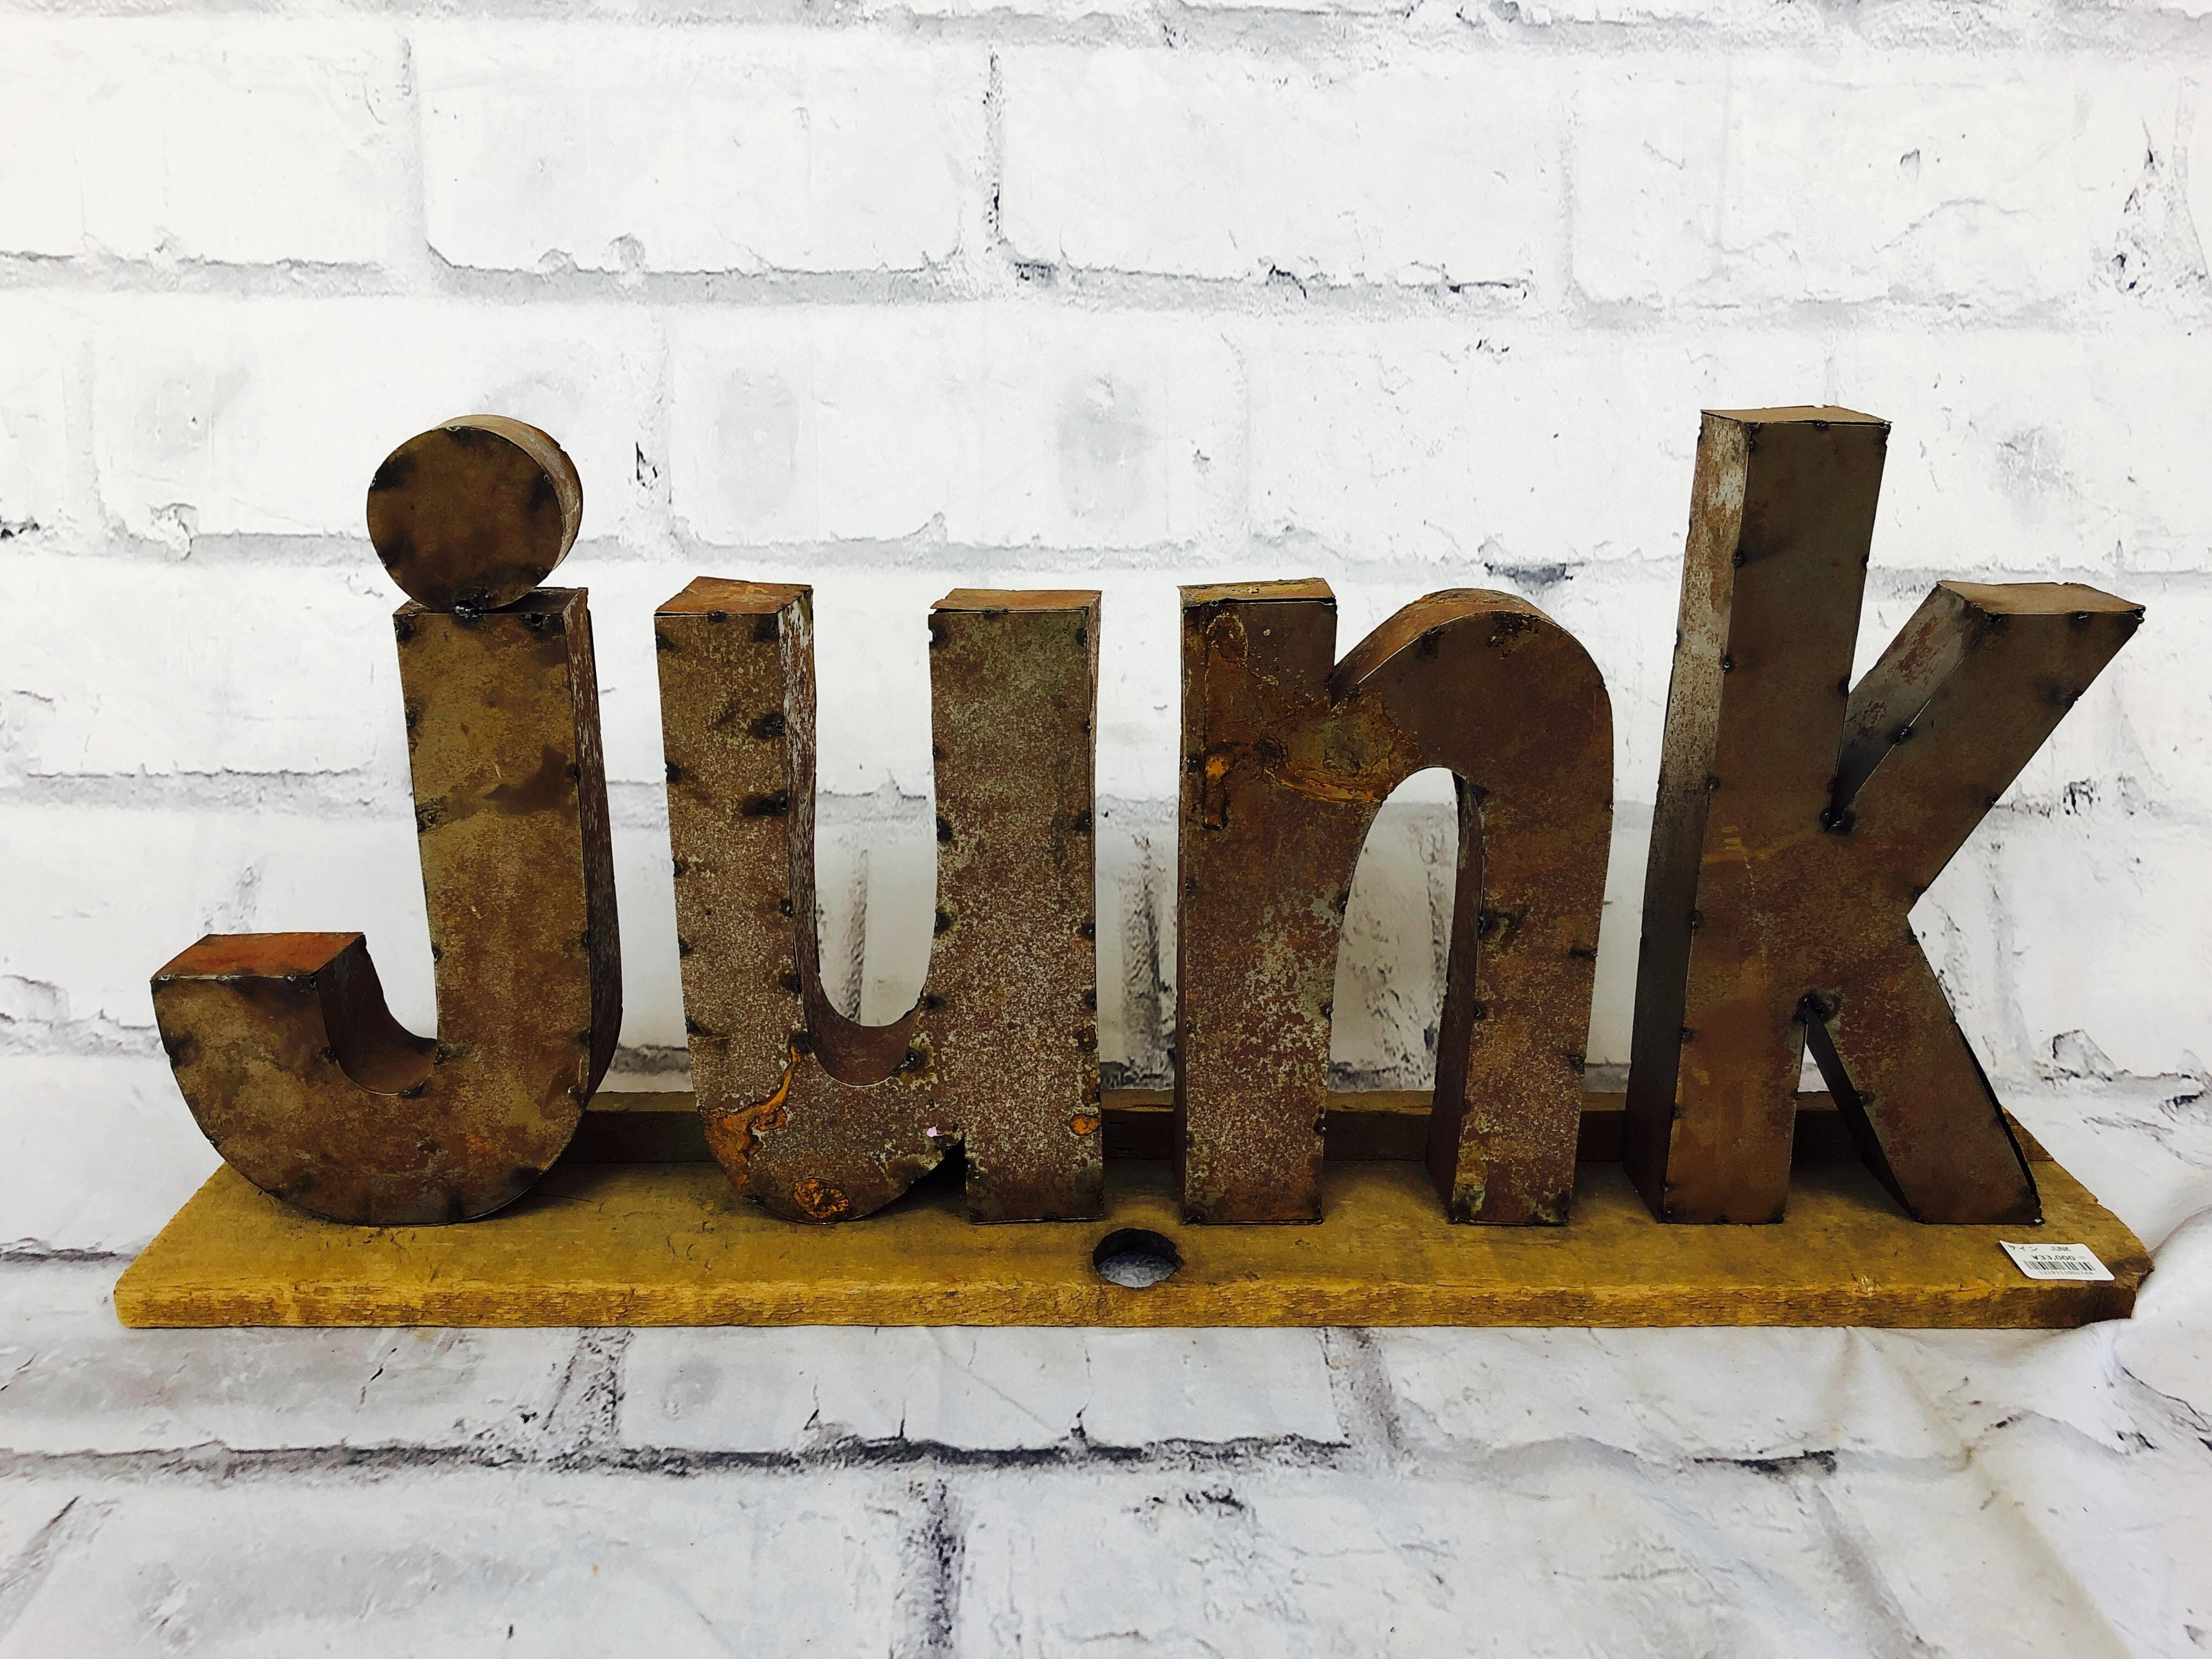 品番1744 サイン 『junk』 看板 アルファベットサイン  スタンド アメリカン雑貨 ヴィンテージ